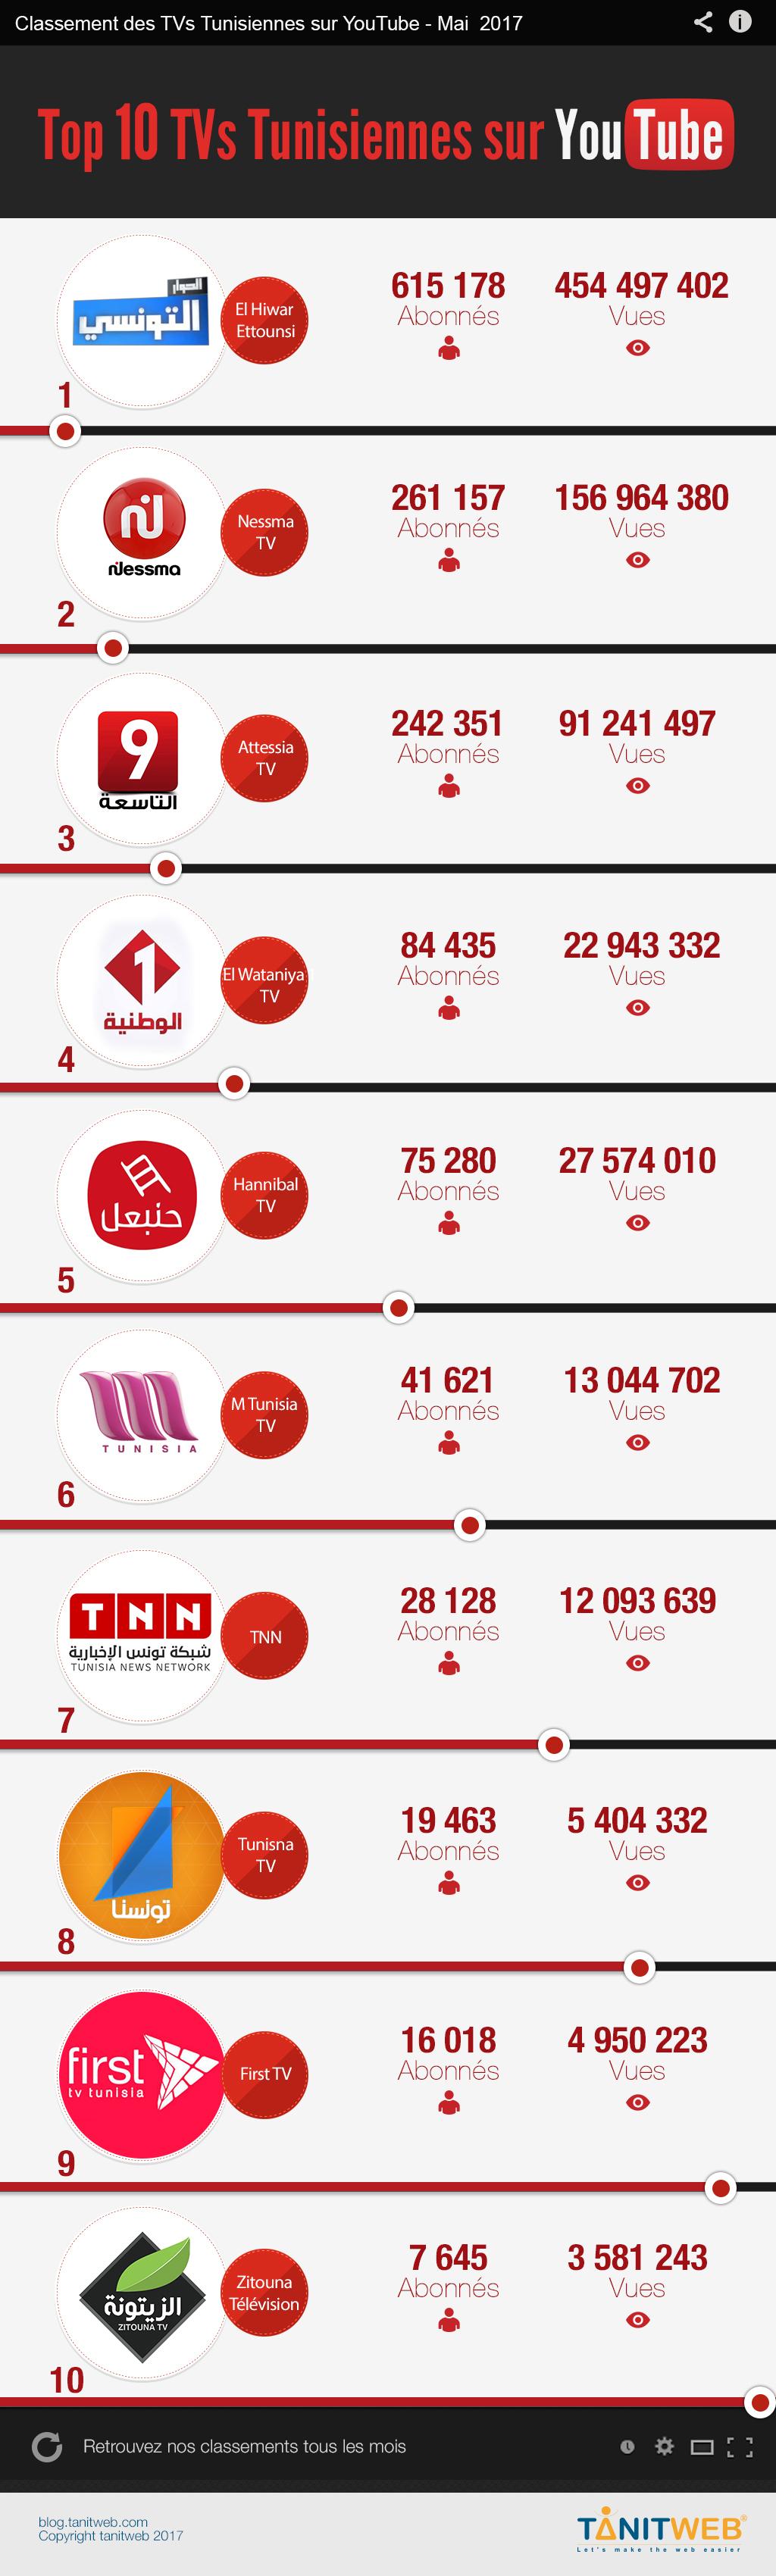 Mai 2017 : Classement des TVs Tunisiennes sur YouTube